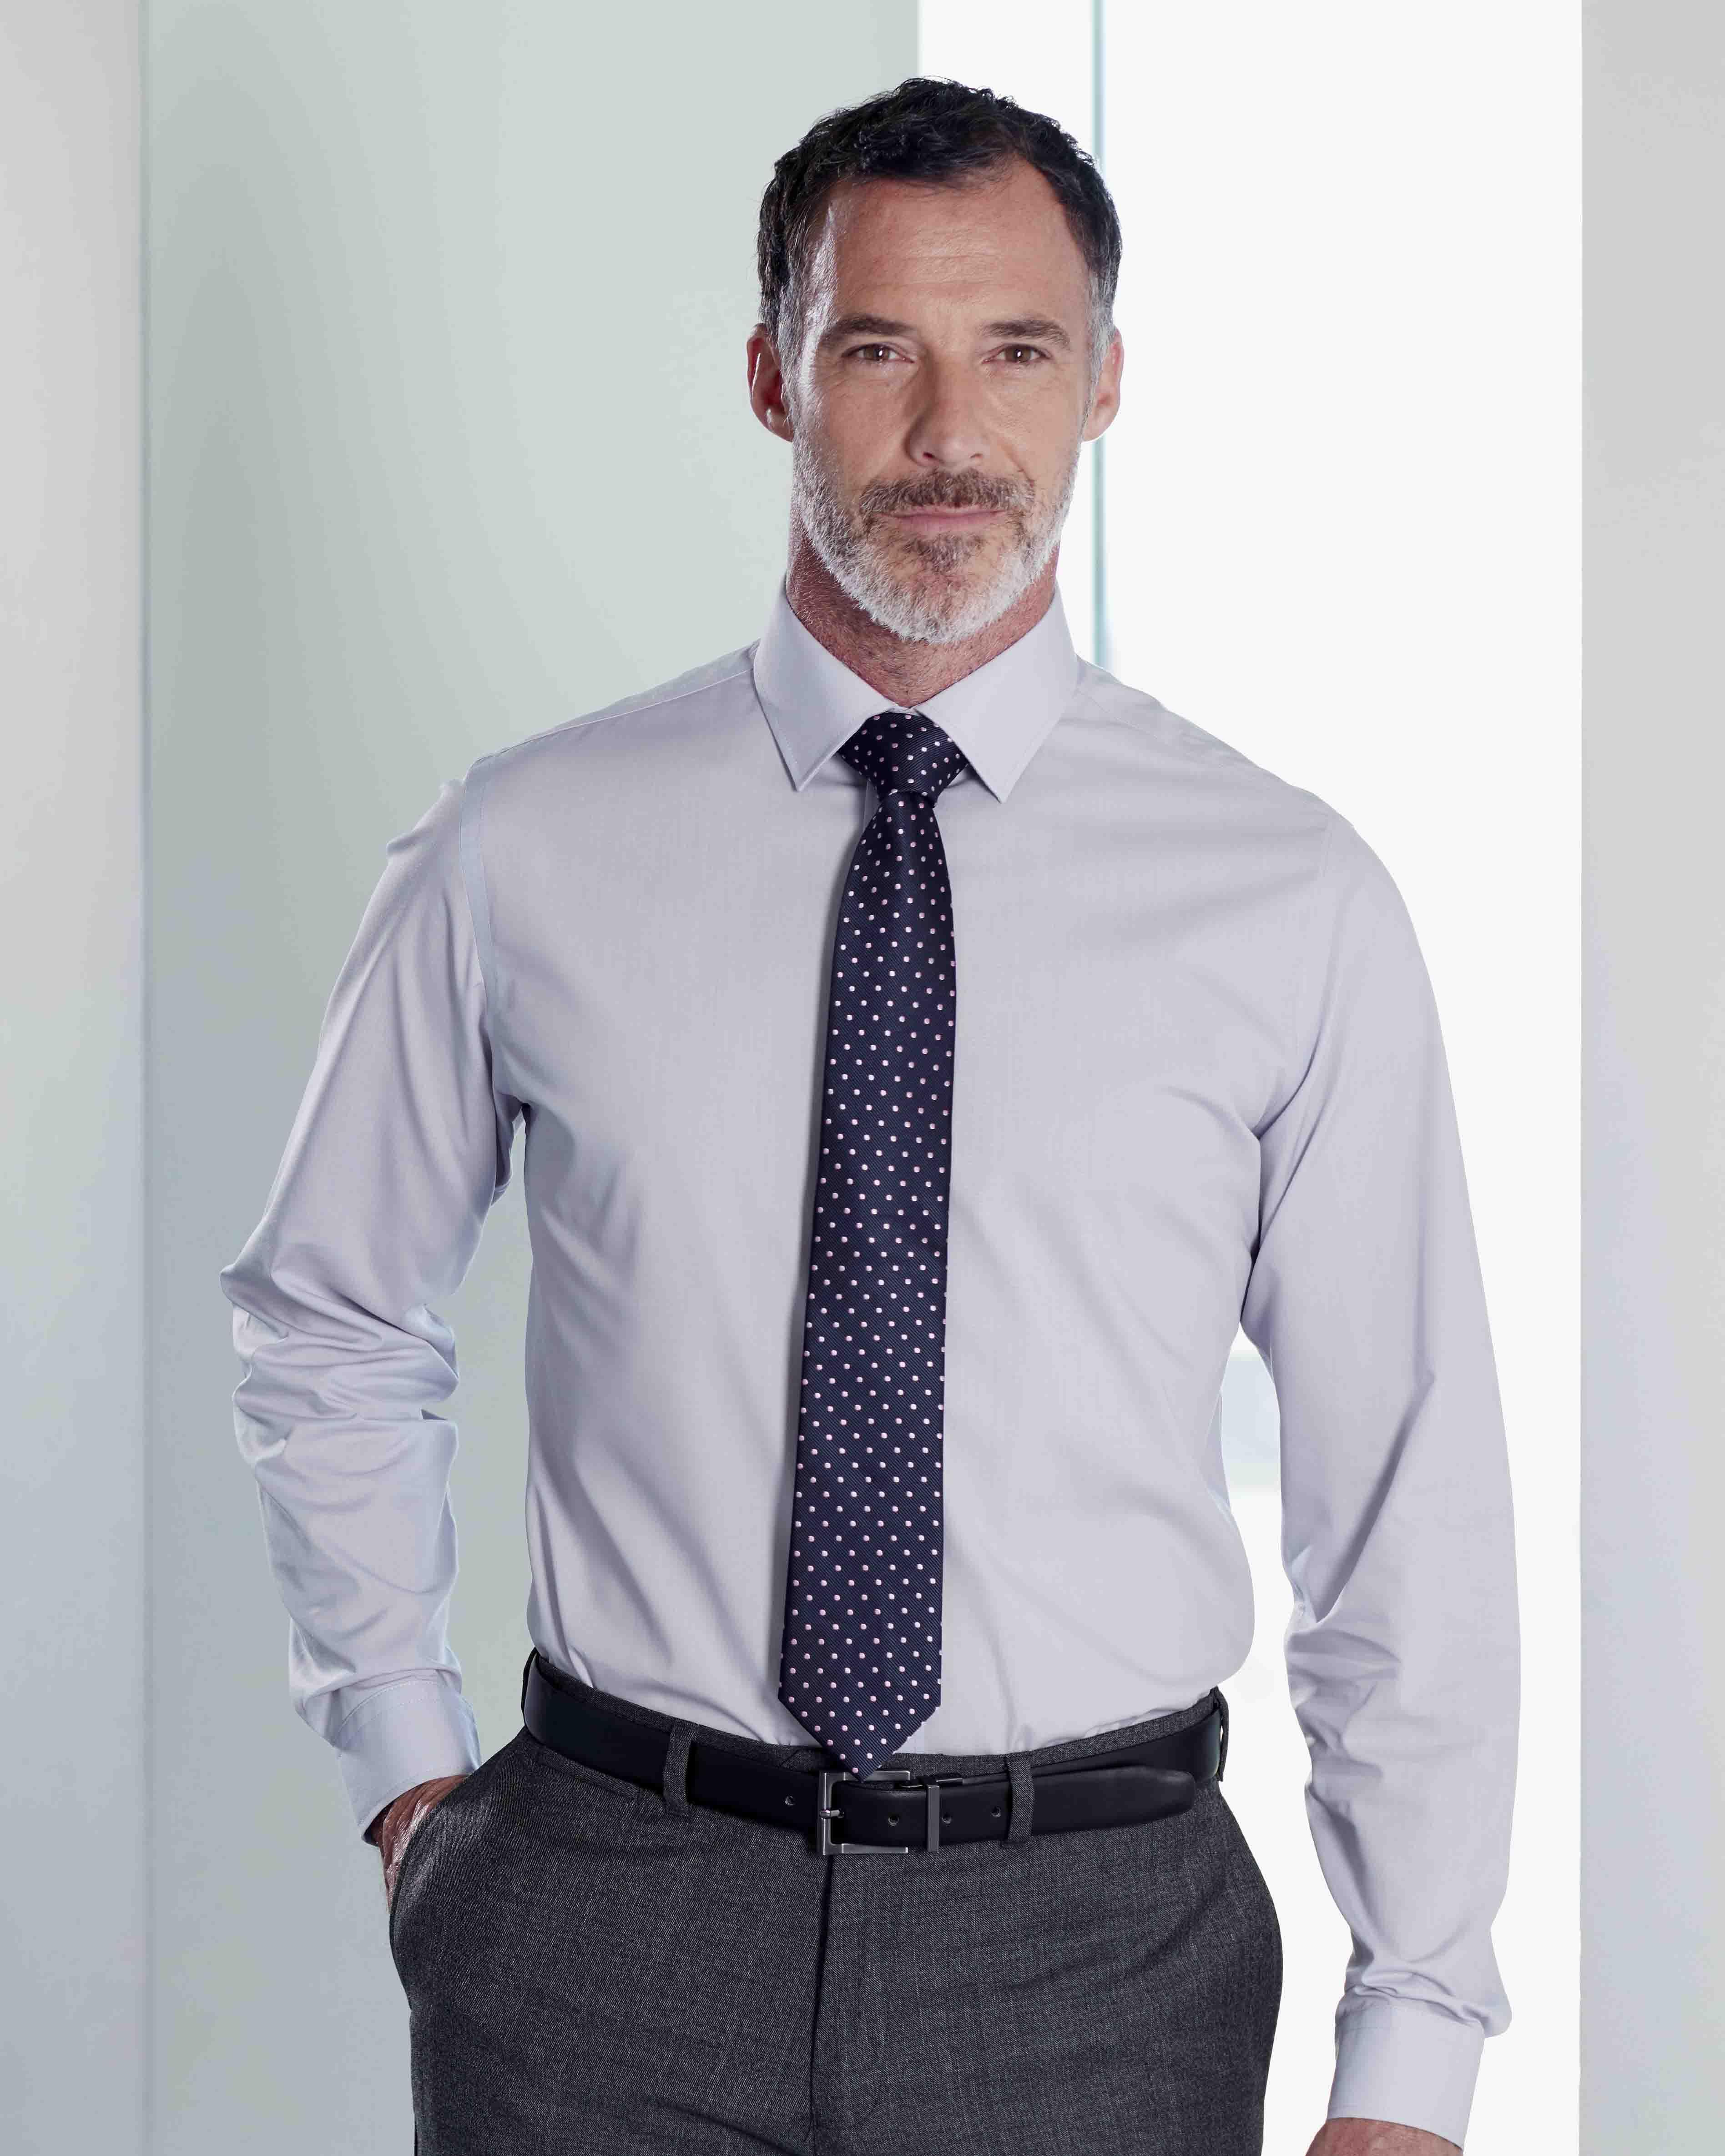 Shop Men's Non-Iron Formal Shirts for a wedding